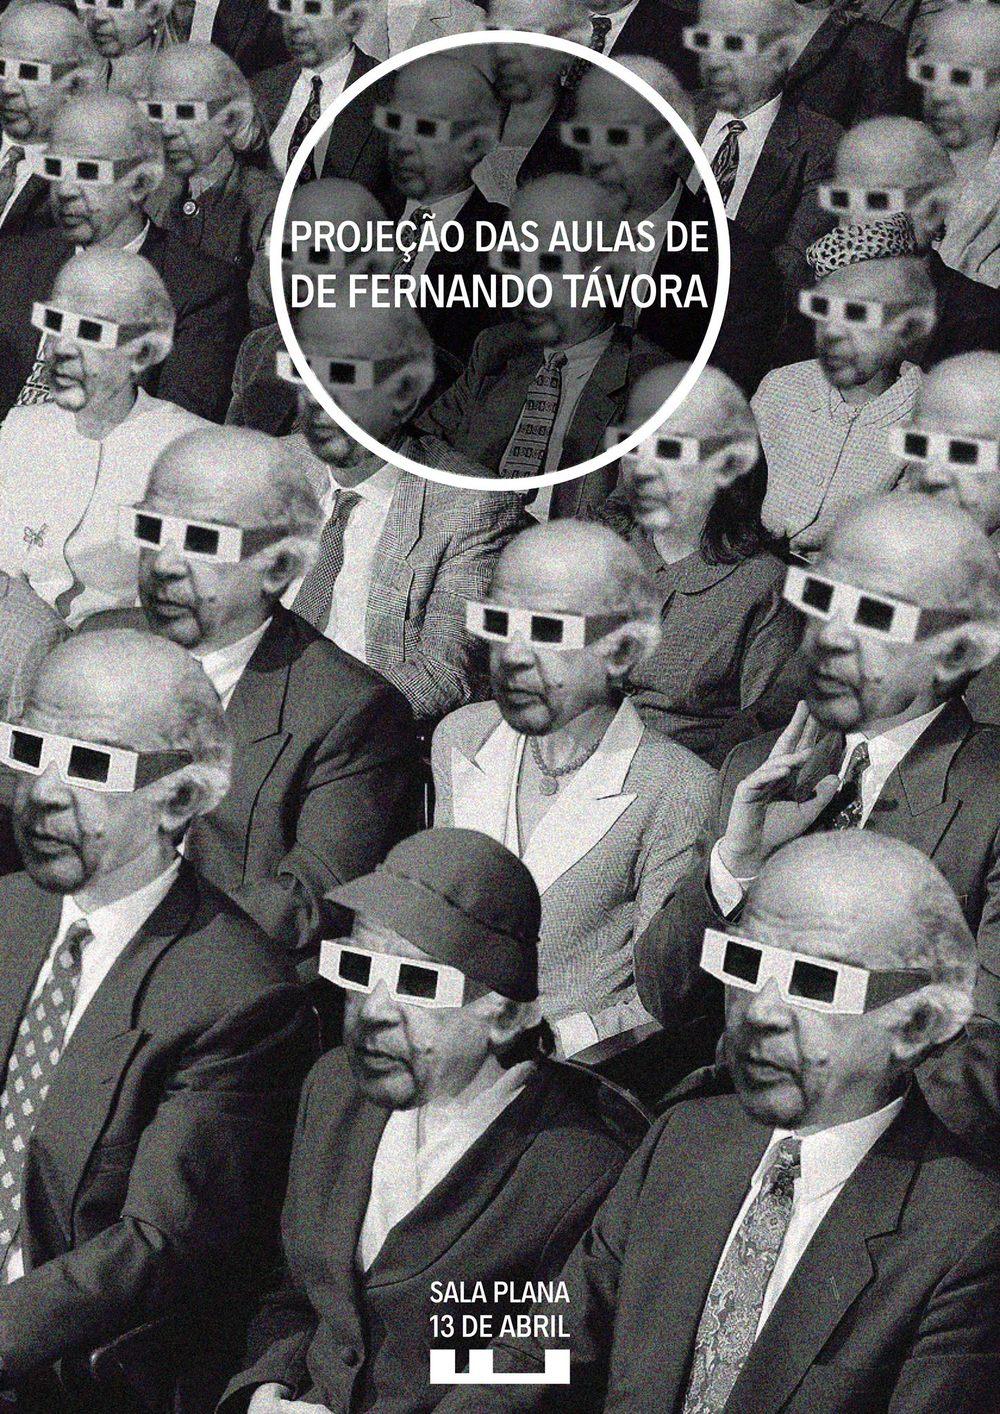 Projecção das Aulas de Fernando Távora